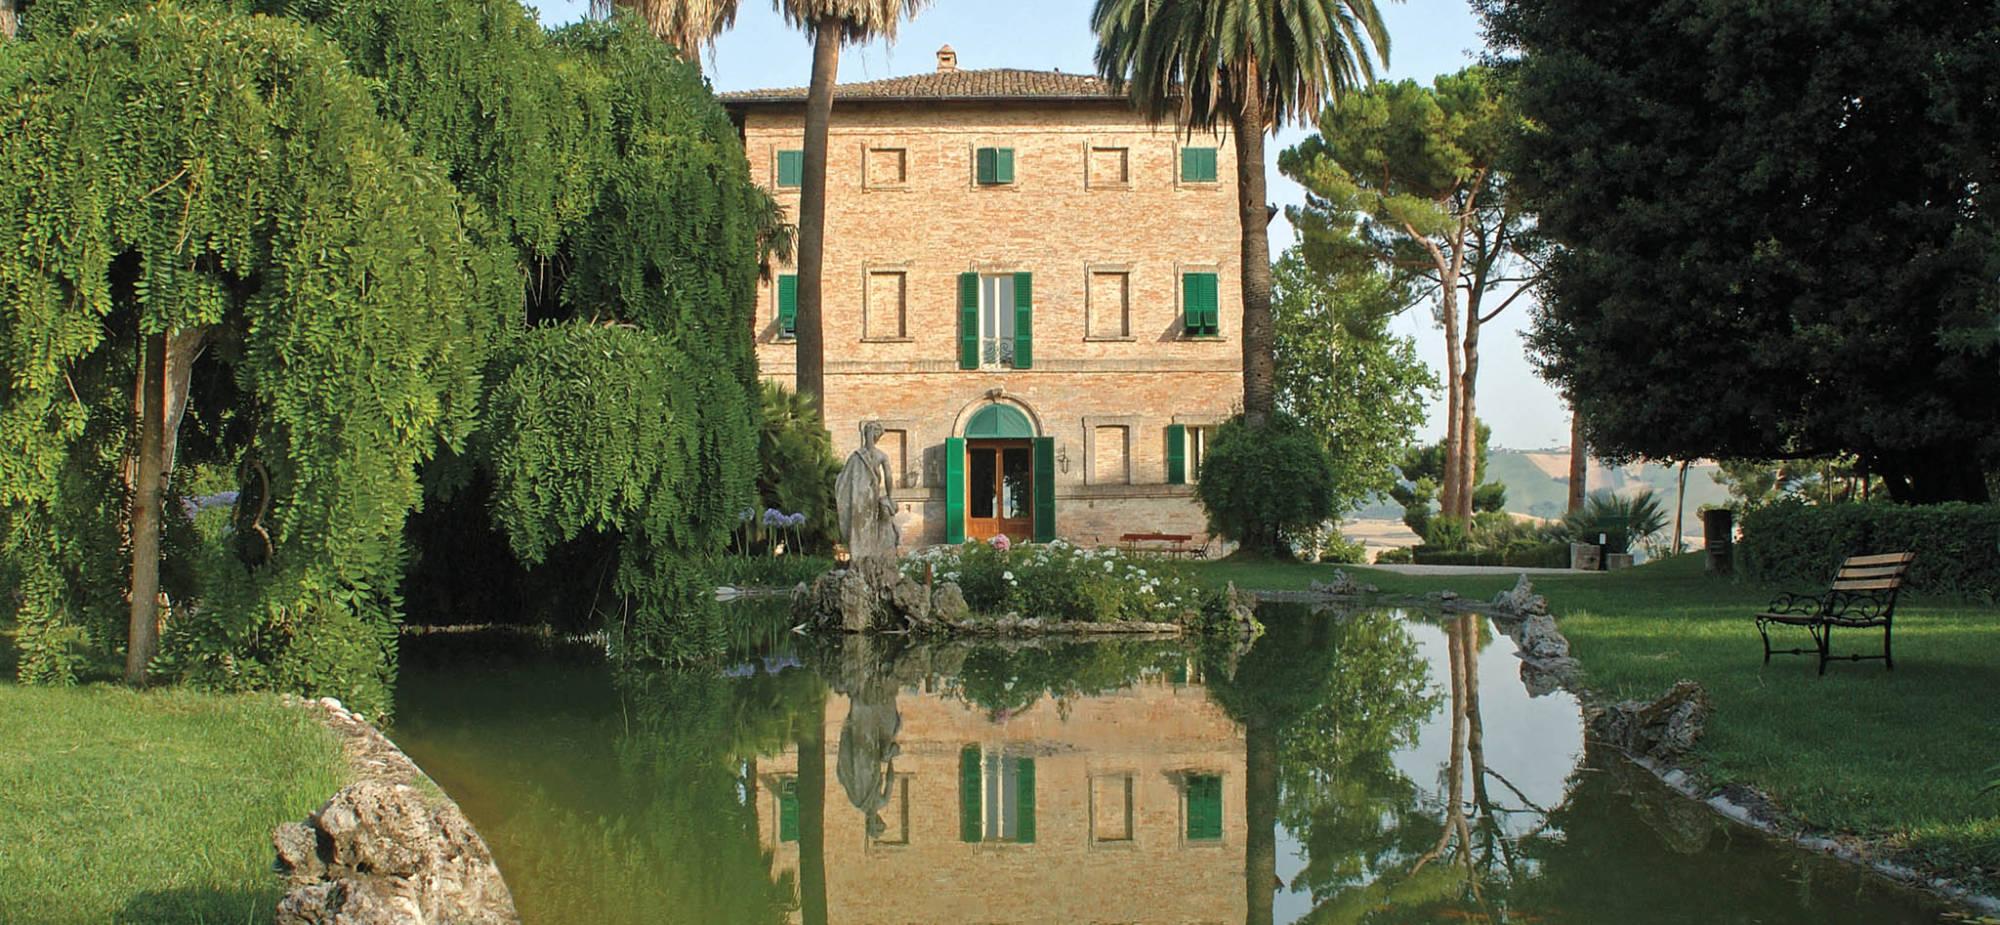 Villa over lake 2000x925